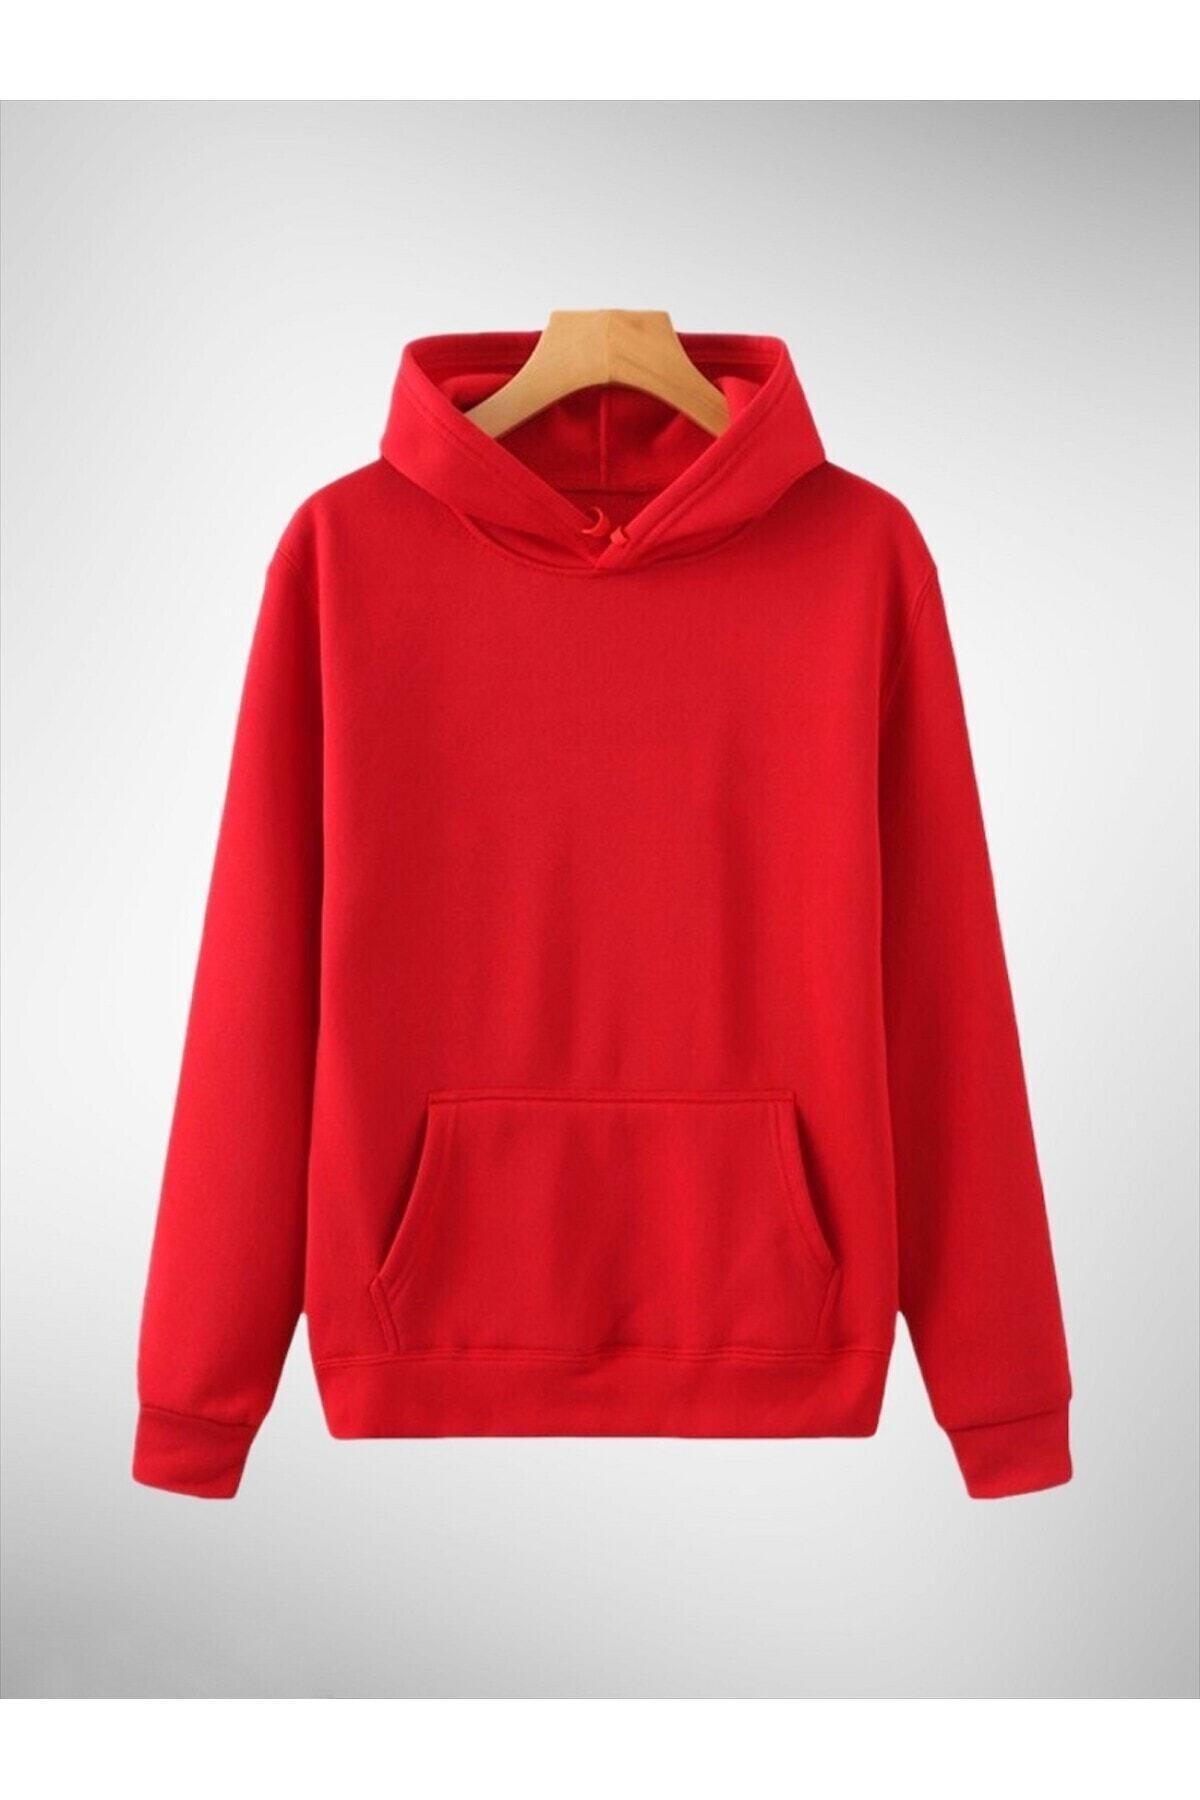 OkeanoX Kapşonlu Kırmızı Pamuklu Örme Sweatshirt 1